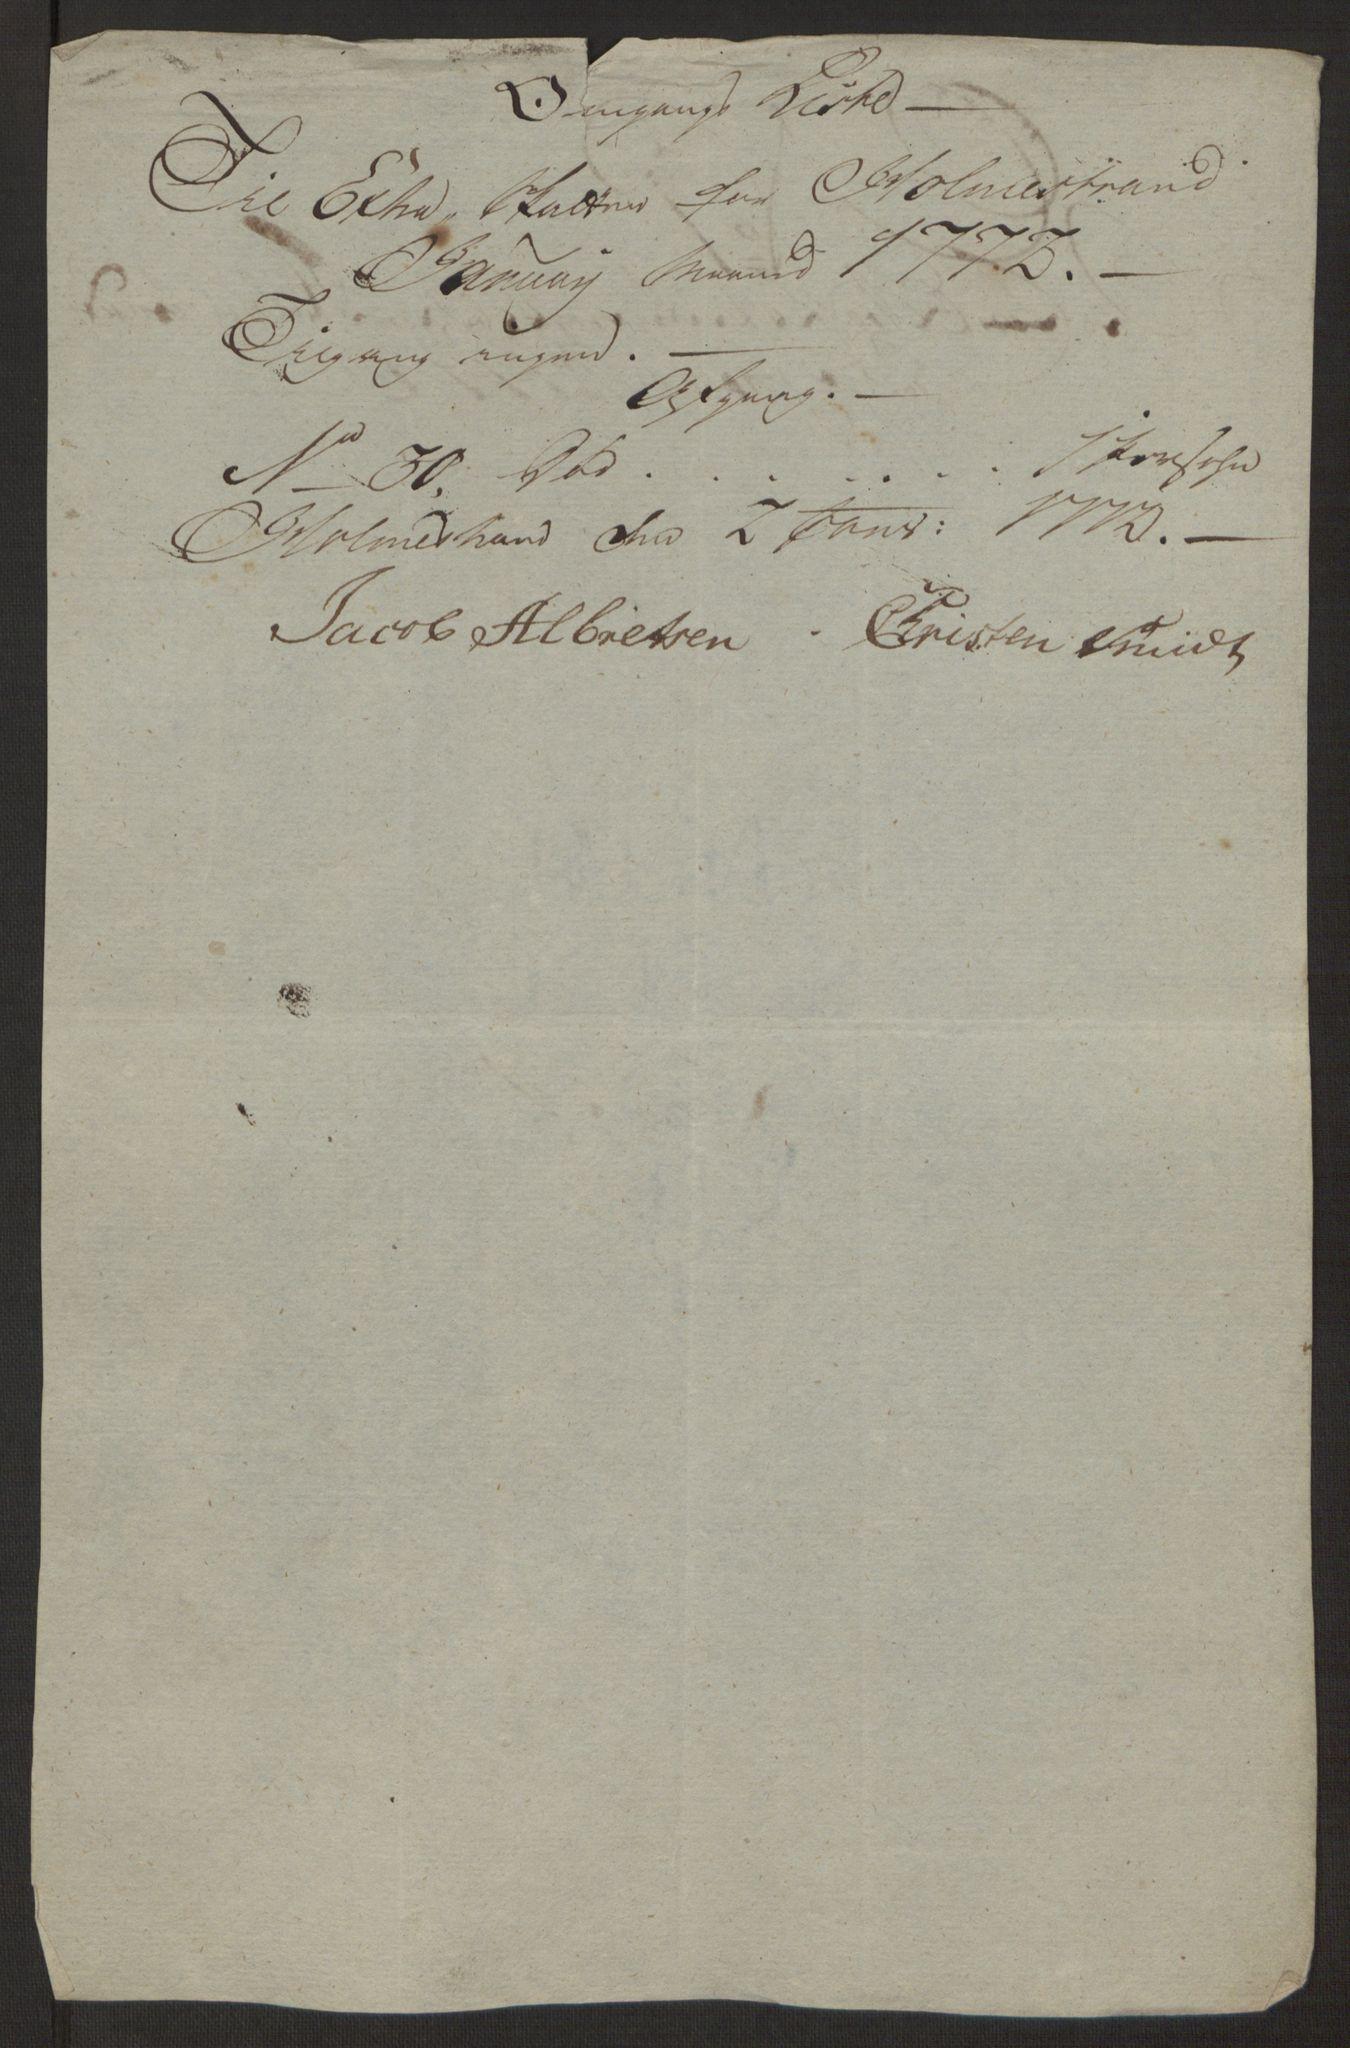 RA, Rentekammeret inntil 1814, Reviderte regnskaper, Byregnskaper, R/Rh/L0163: [H4] Kontribusjonsregnskap, 1762-1772, s. 422